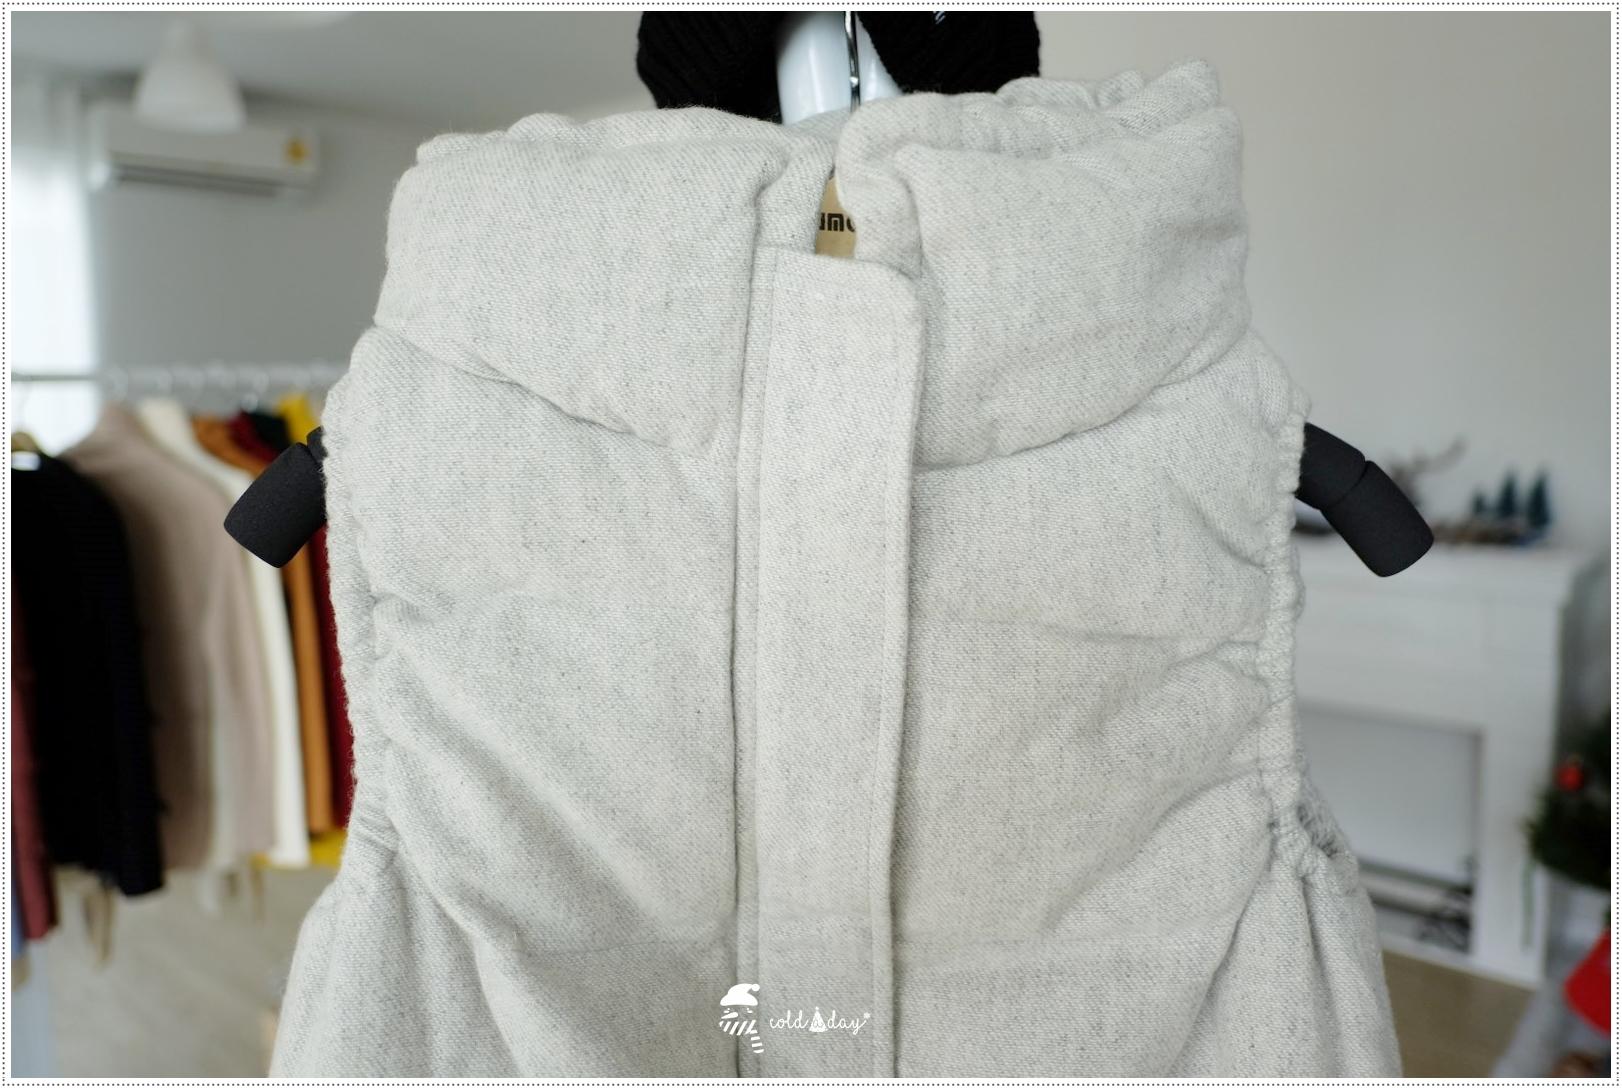 เสื้อกั๊กผ้าวูล เสื้อกั๊ก เสื้อกั๊กกันหนาว เสื้อกันหนาว เช่าเสื้อกันหนาว